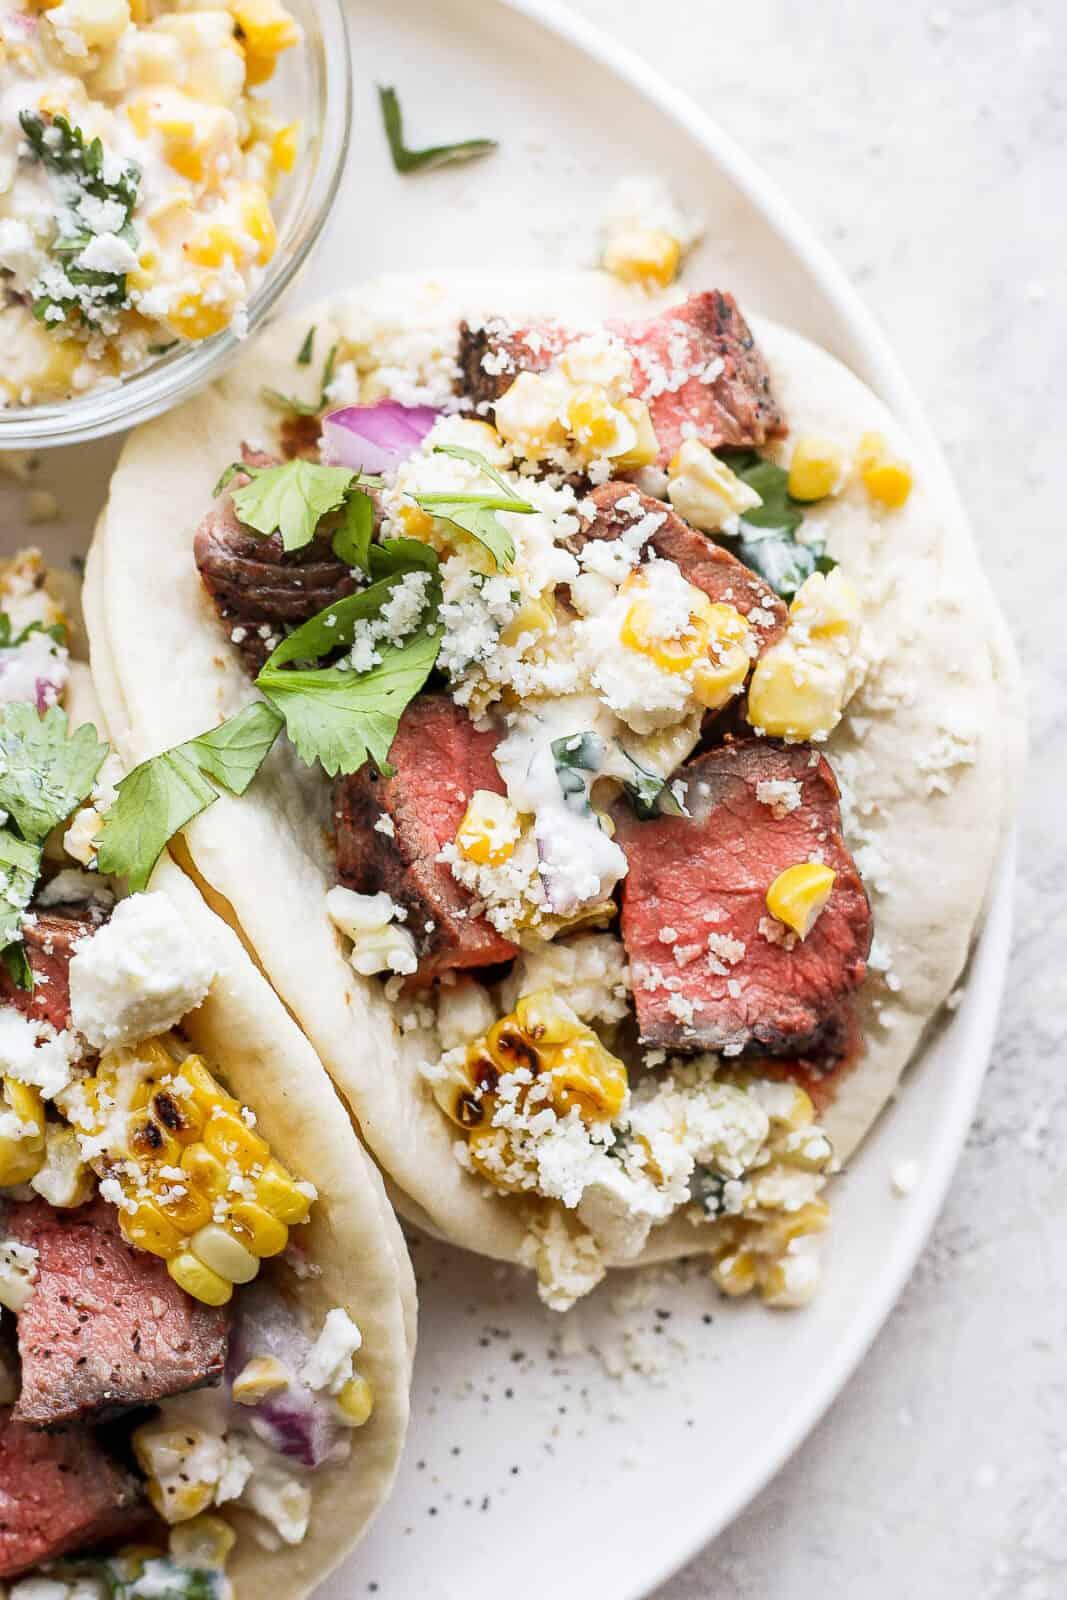 Close up of a steak taco.